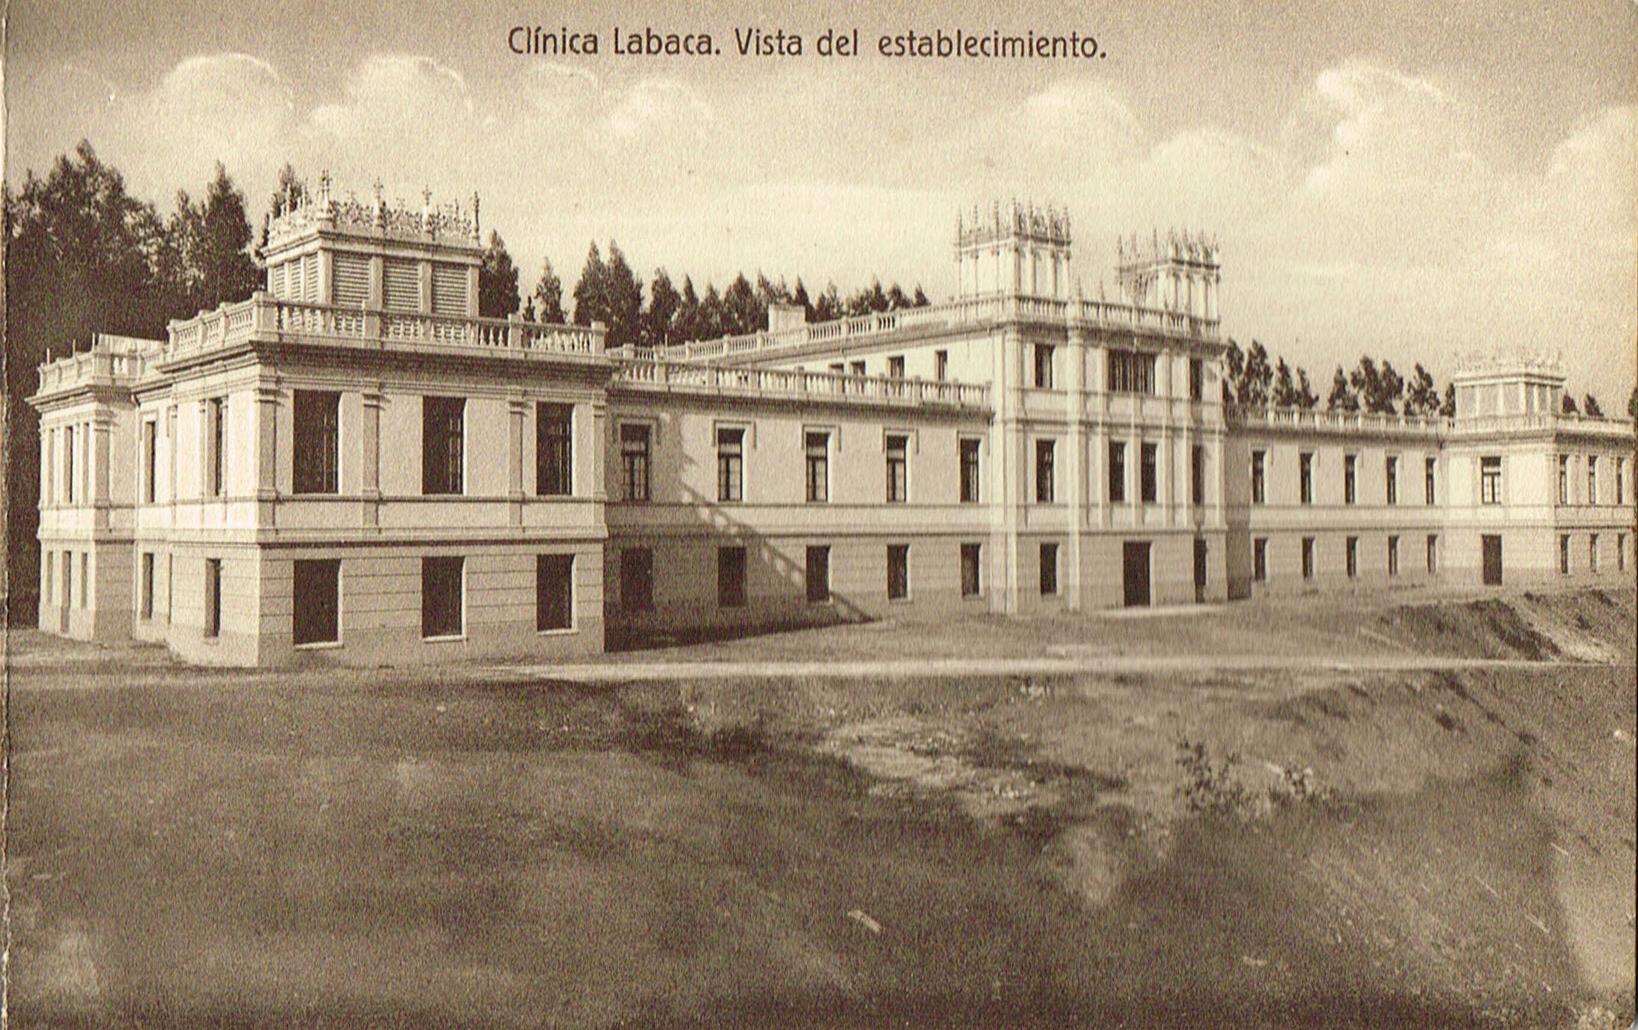 Clínica Labaca, vista del establecimiento